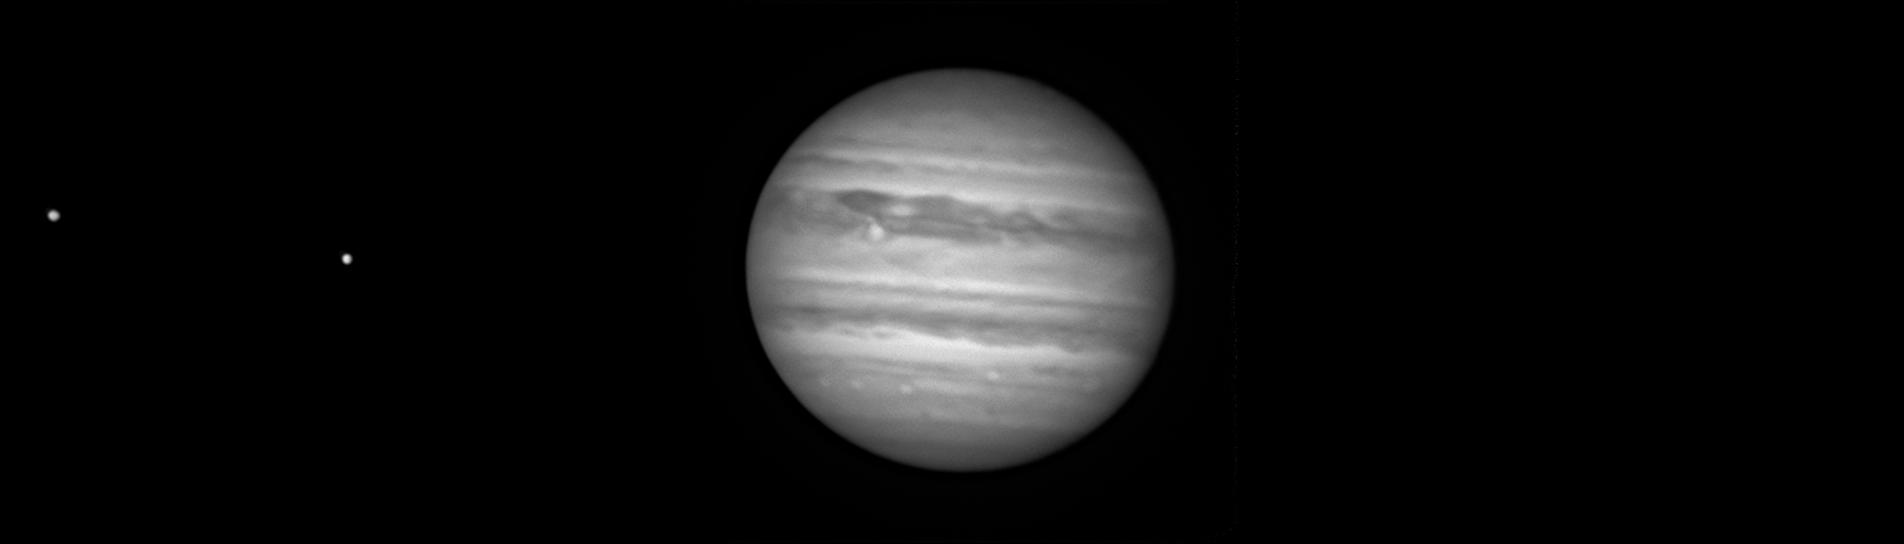 2020-06-10-0230_4-B-Jupiter_ZWO ASI290MM Mini_lapl5_ap496.png